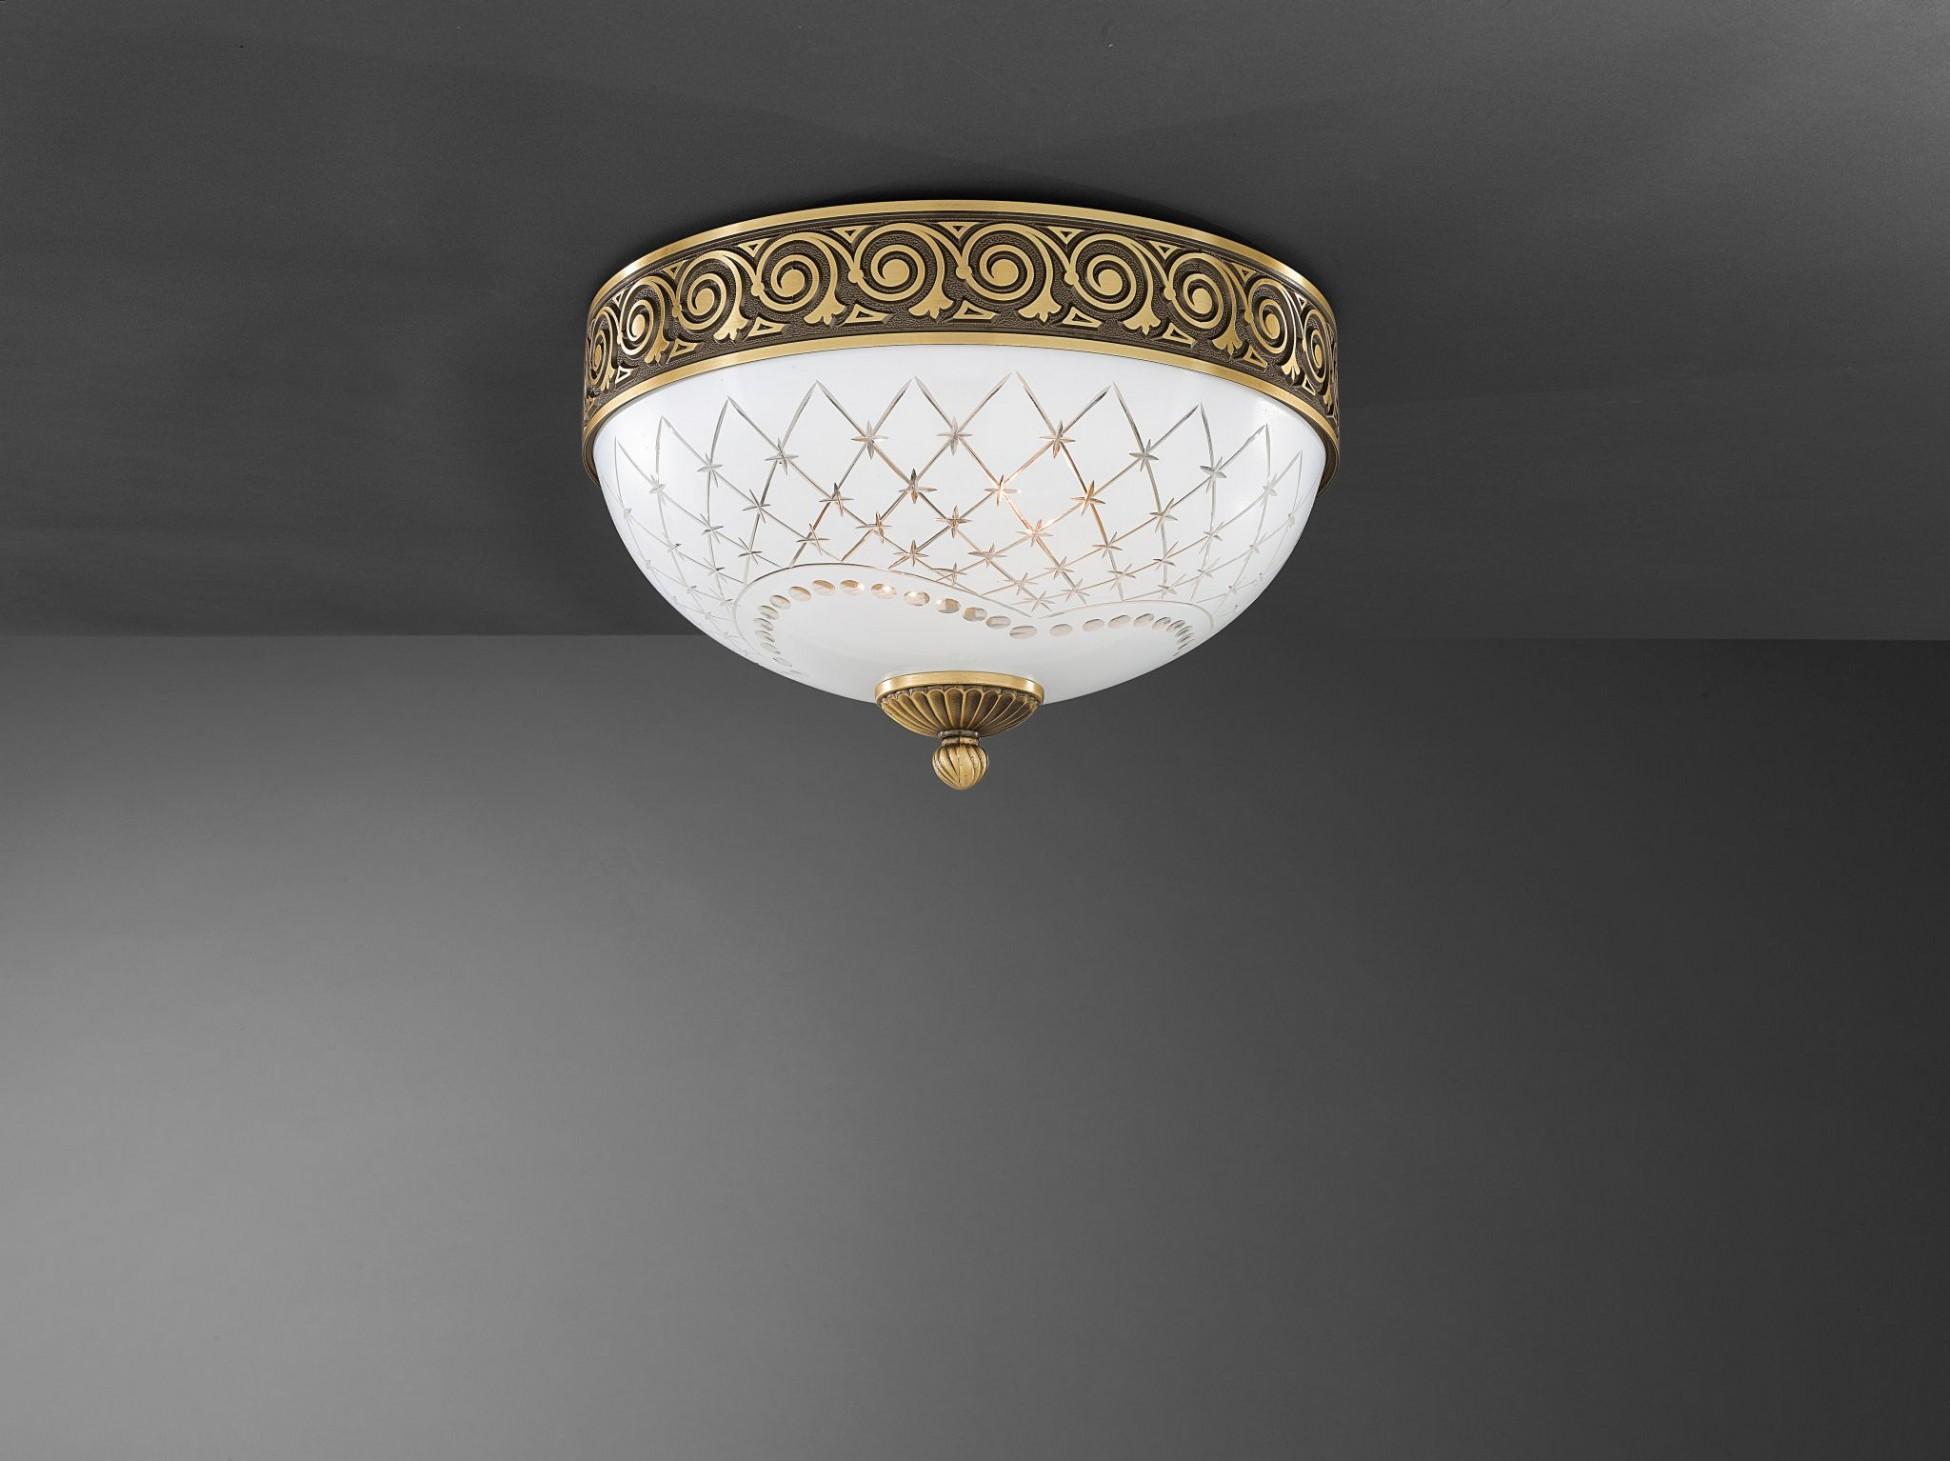 Plafoniera Ottone Vetro : Plafoniera in ottone e vetro bianco molato 2 luci 30 cm reccagni store